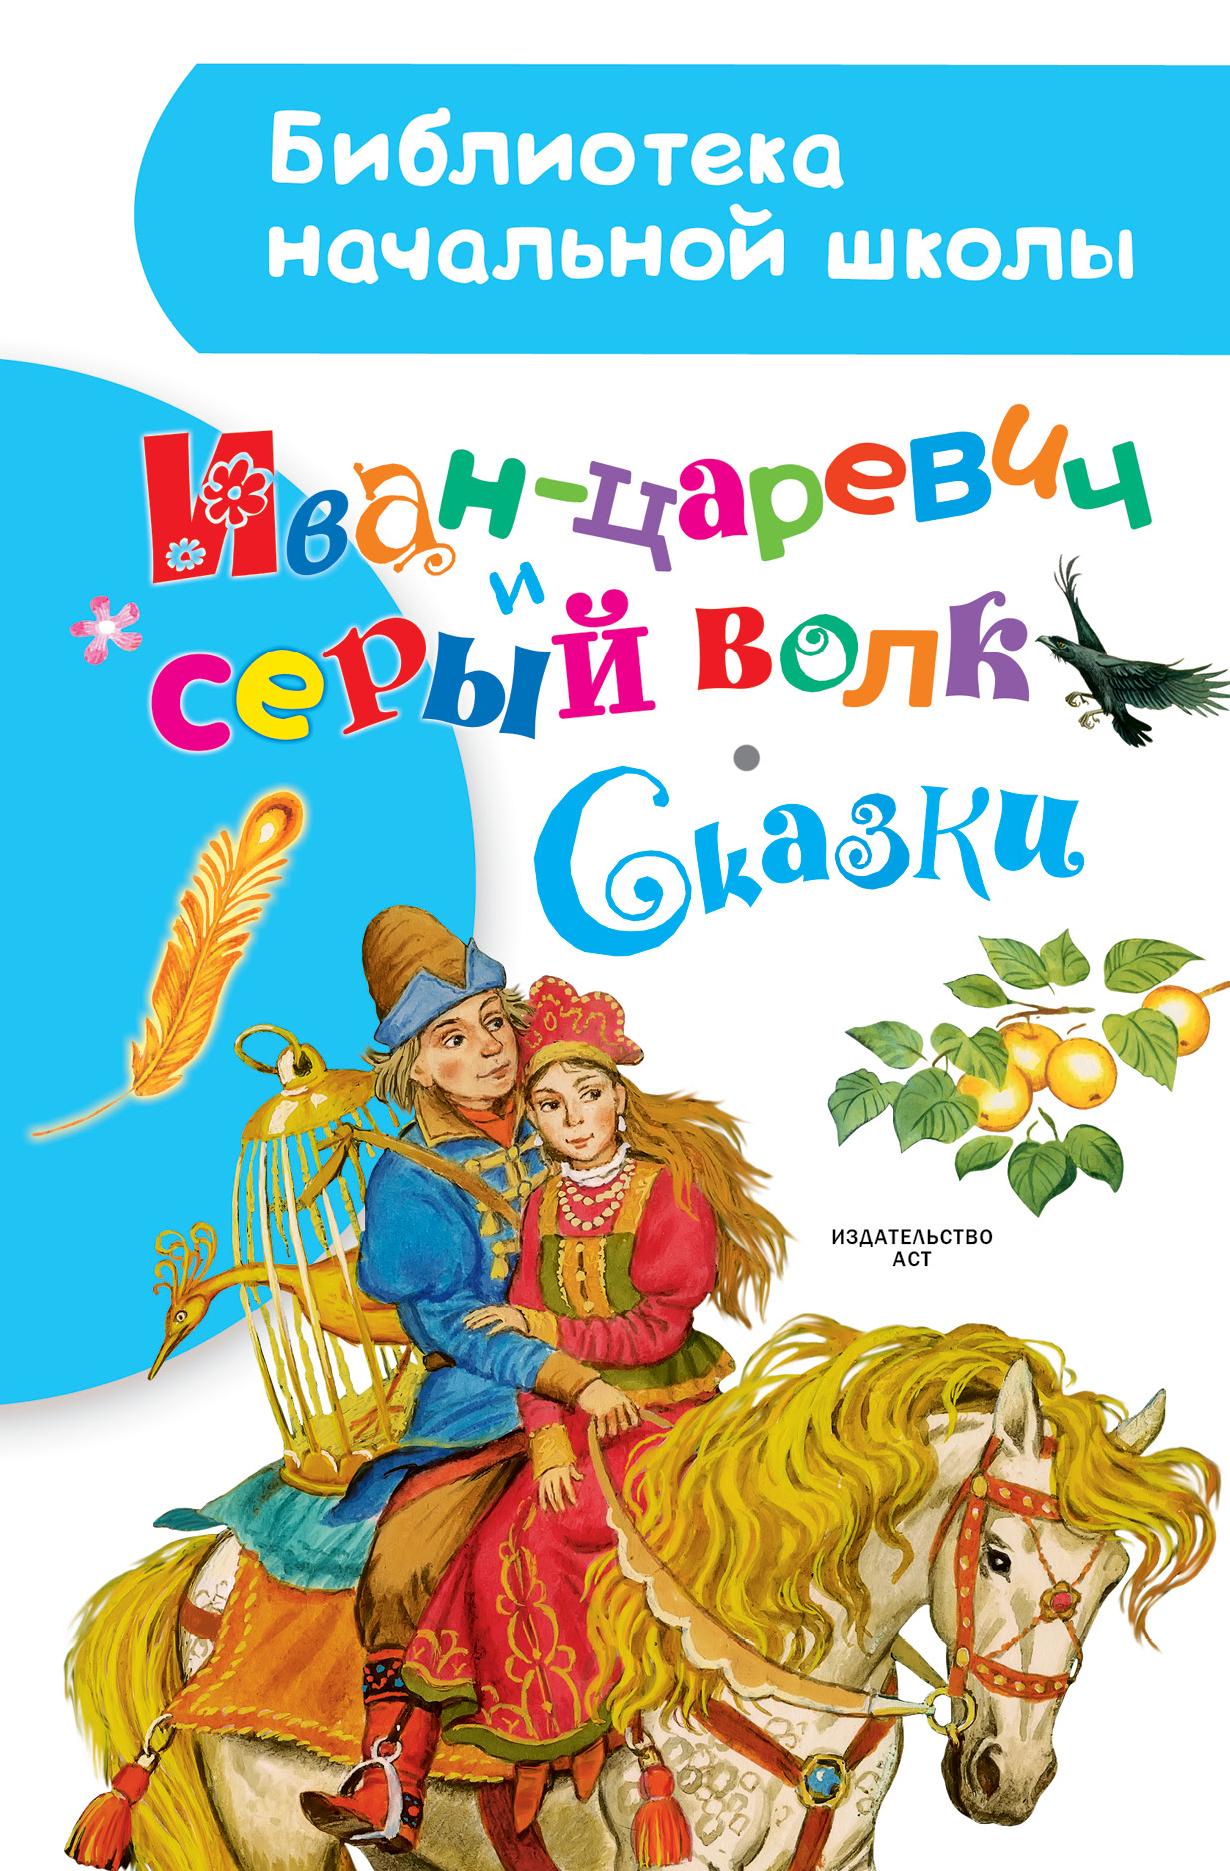 Иван-царевич и серый волк. Сказки